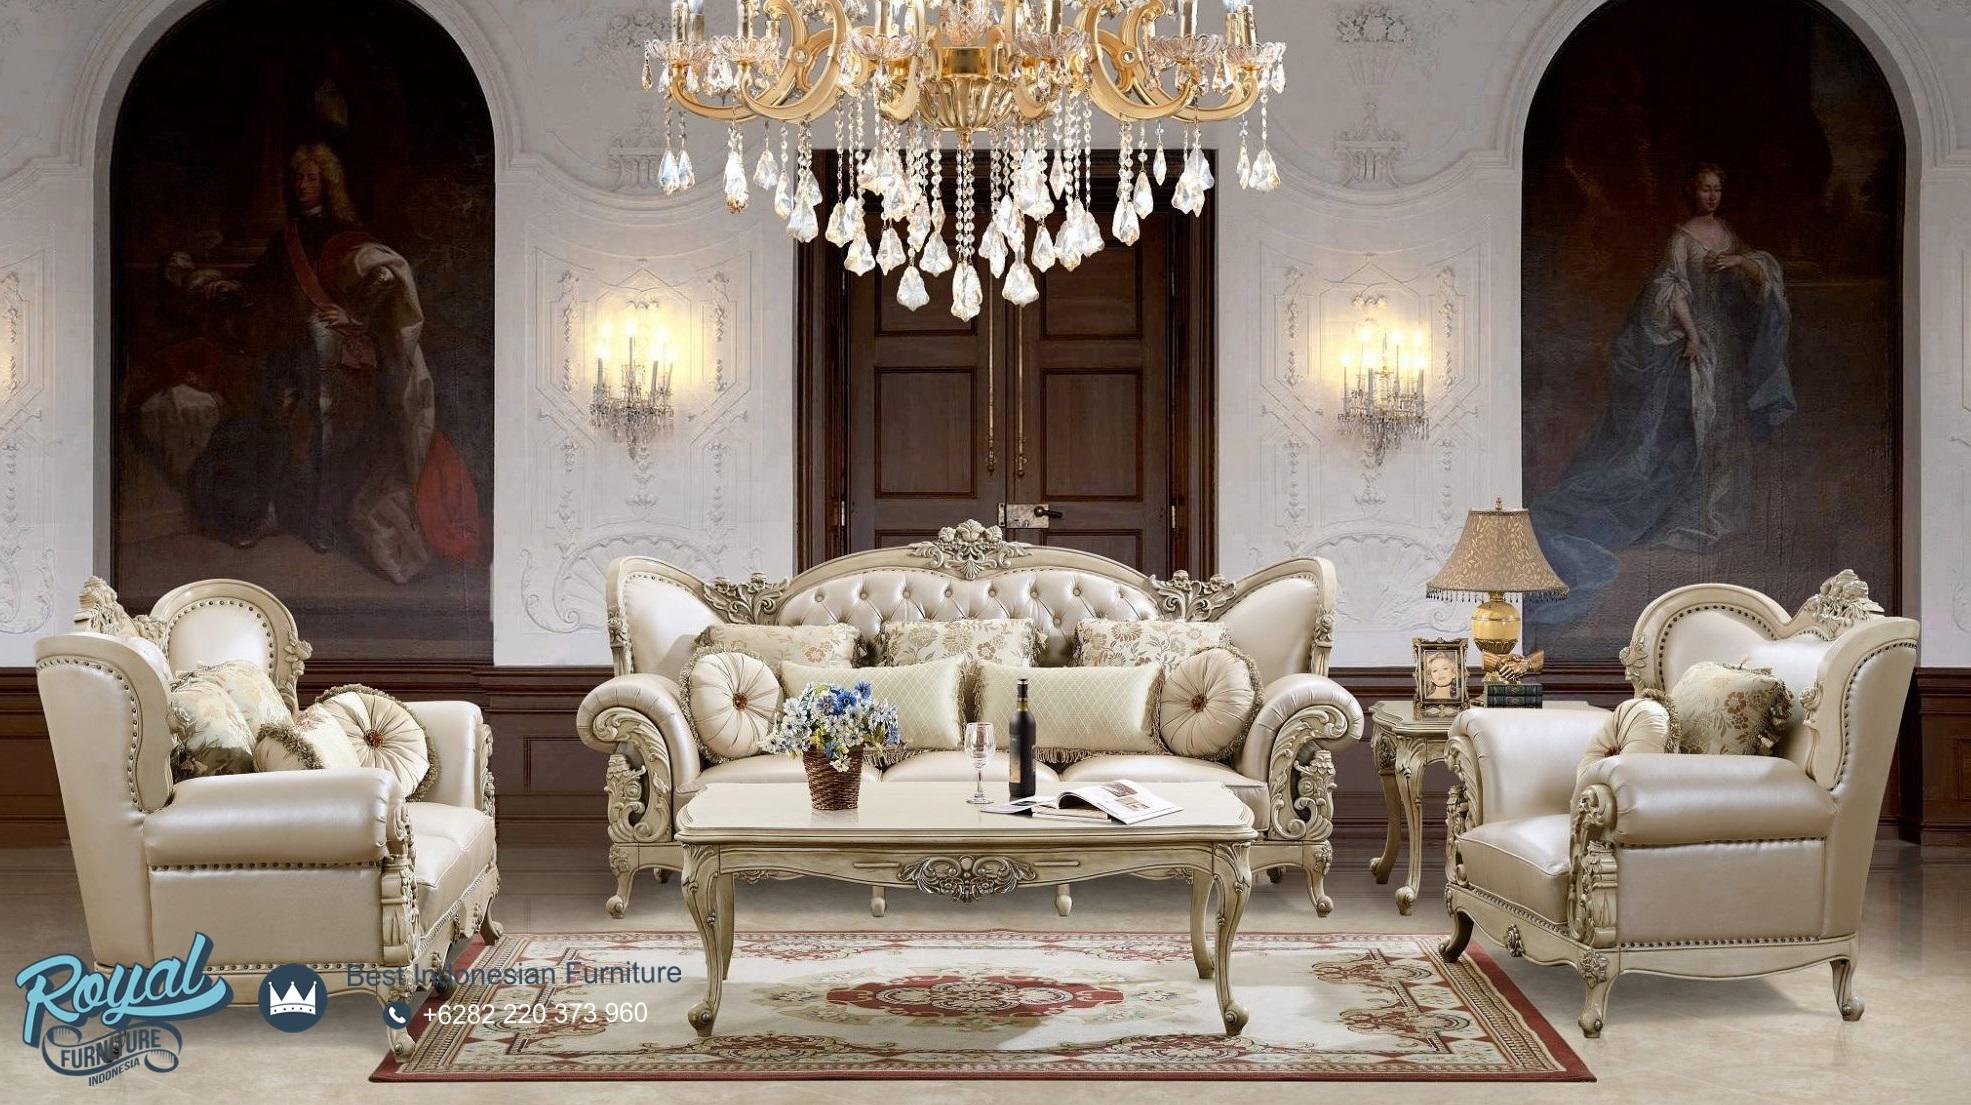 Sofa Ruang Tamu Mewah Modern Ukir Jepara Homey Living, kursi tamu jepara, furniture sofa tamu, set sofa tamu mewah, sofa mewah modern, kursi tamu mewah minimalis, kursi tamu mewah modern, kursi mewah ruang tamu, kursi tamu mewah kualitas terbaik, sofa tamu mewah terbaru, model kursi sofa ruang tamu, harga sofa tamu mewah, sofa tamu klasik, sofa tamu mewah ukiran, kursi tamu mewah, model sofa tamu mewah terbaru, desain sofa ruang tamu klasik mewah, set sofa tamu terbaru 2019, mebel jepara, furniture jepara, royal furniture